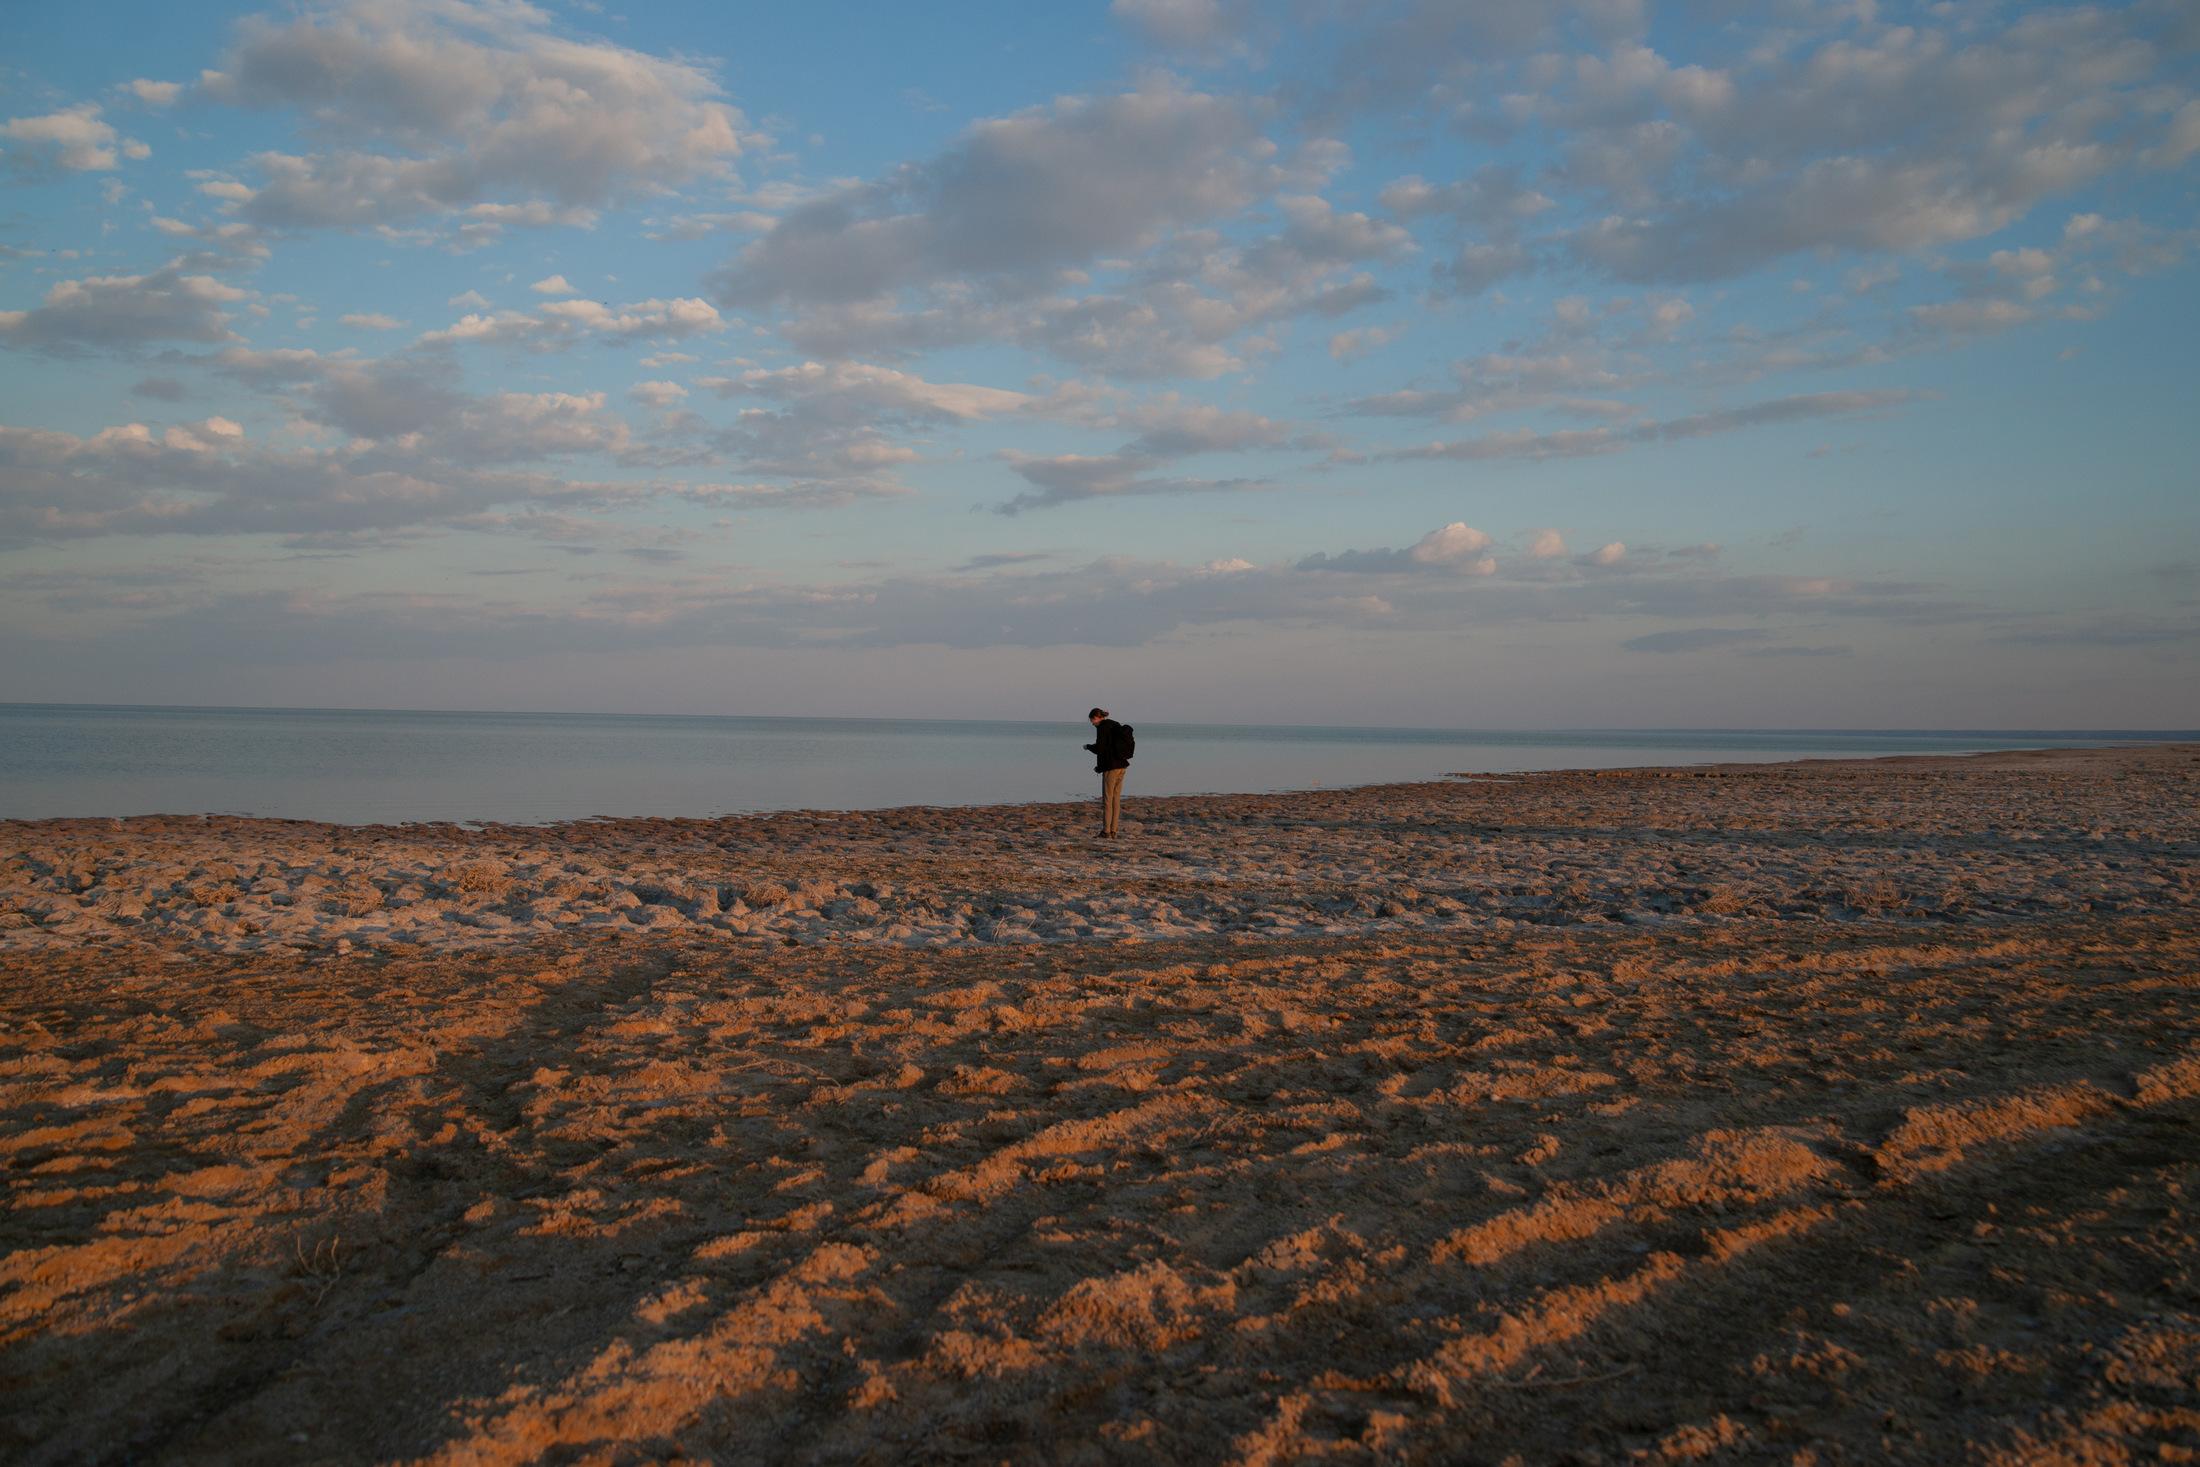 jezioro aralskie klęska ekologiczna